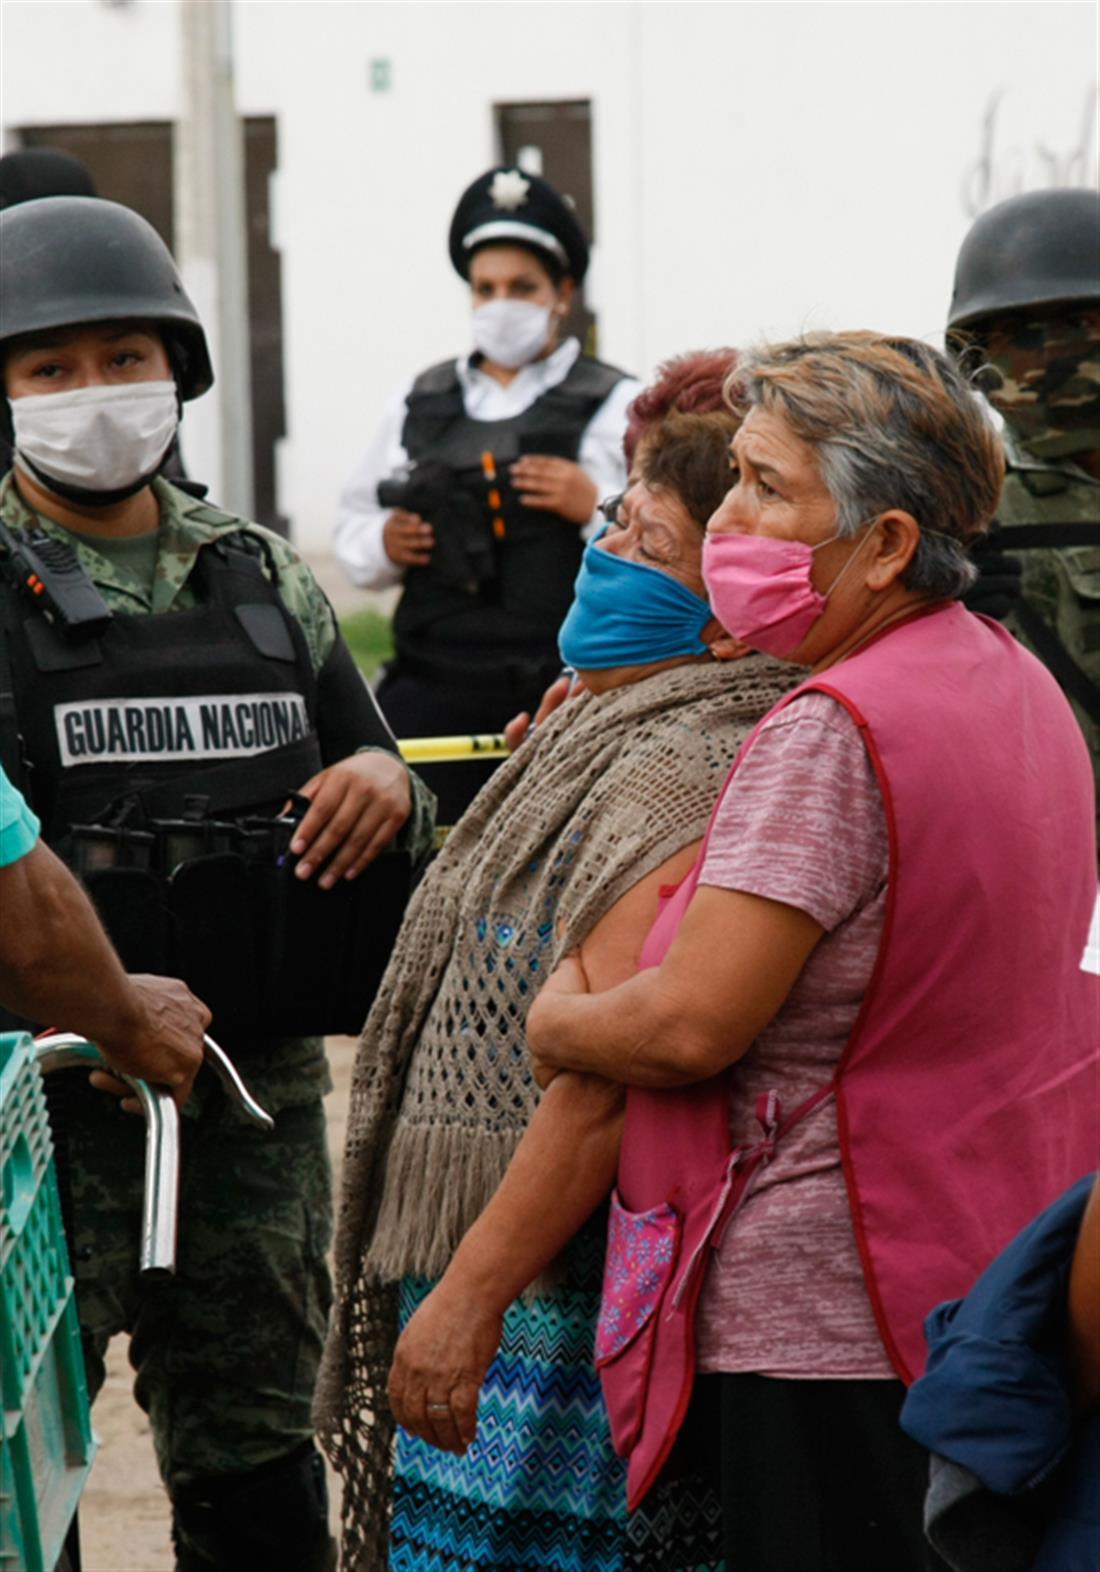 Μεξικό -  επίθεση ενόπλων - κέντρο απεξάρτησης